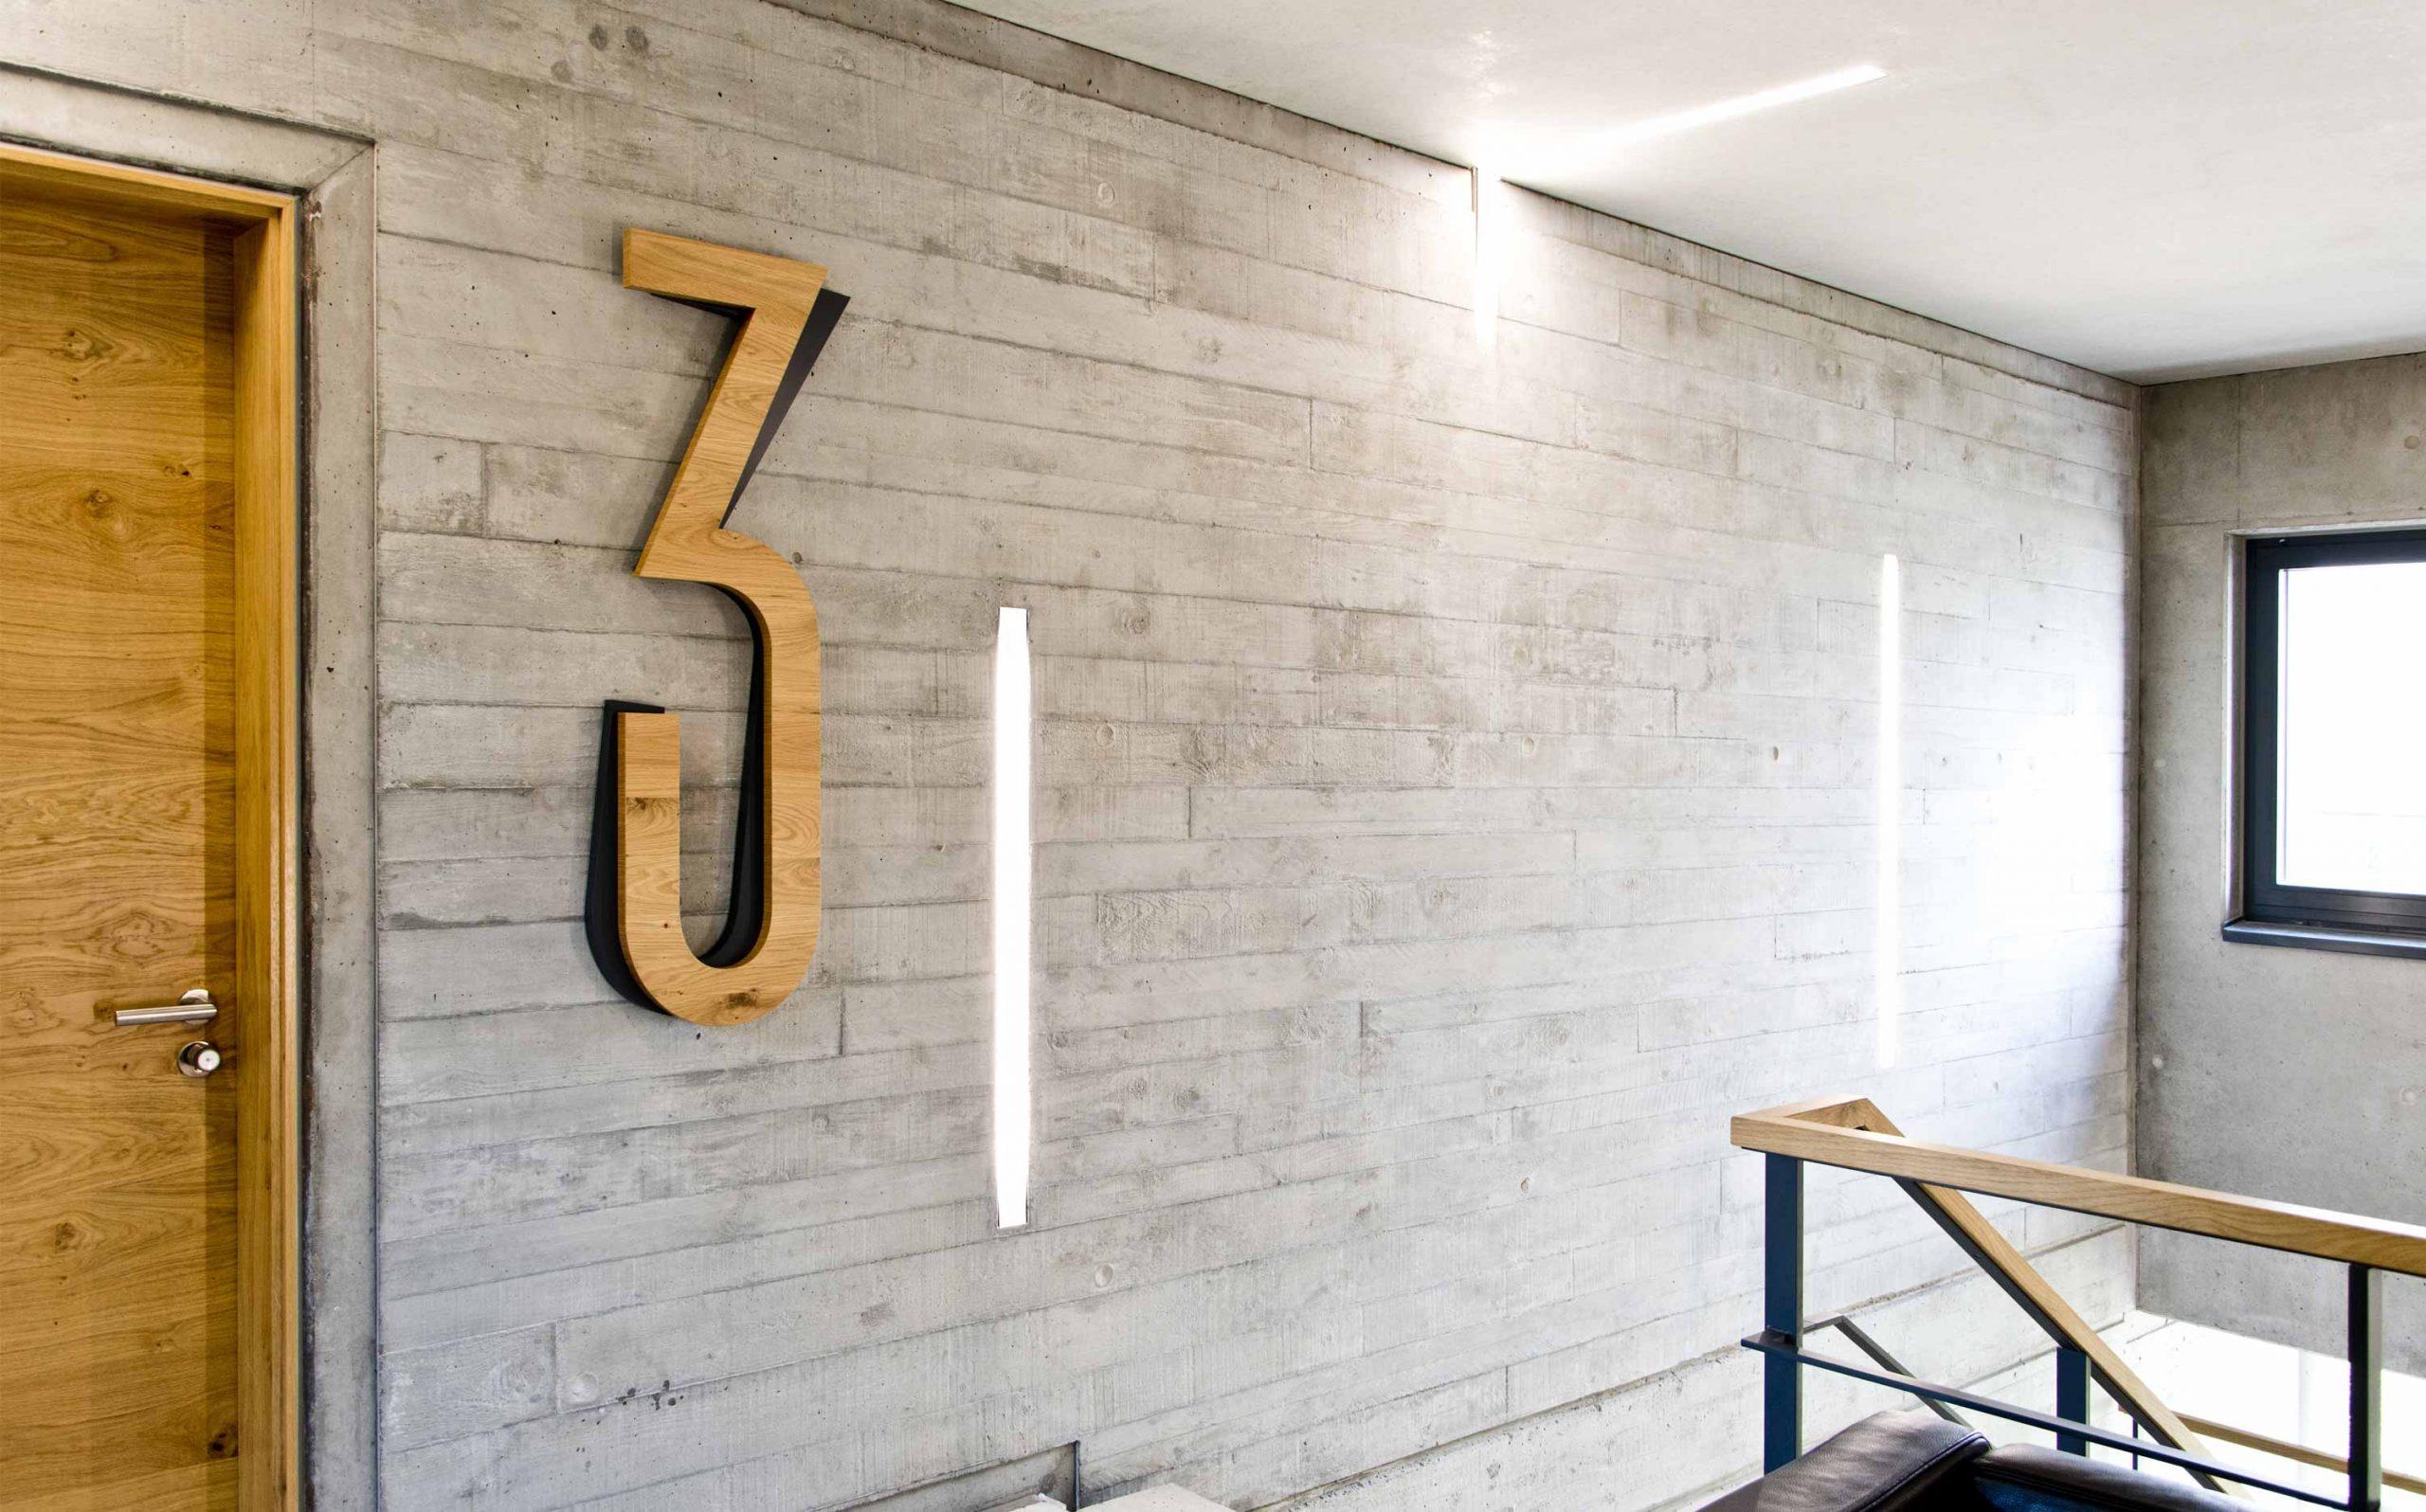 Leit- & Informationssystem The Beach, Düsseldorf | Etagenkennzeichnung OG3 | Keywords: Etagenkennzeichnung, Signaletik, Leitsystem, Orientierungssystem, Büro, Office, Design, Grafikdesign, Typografie